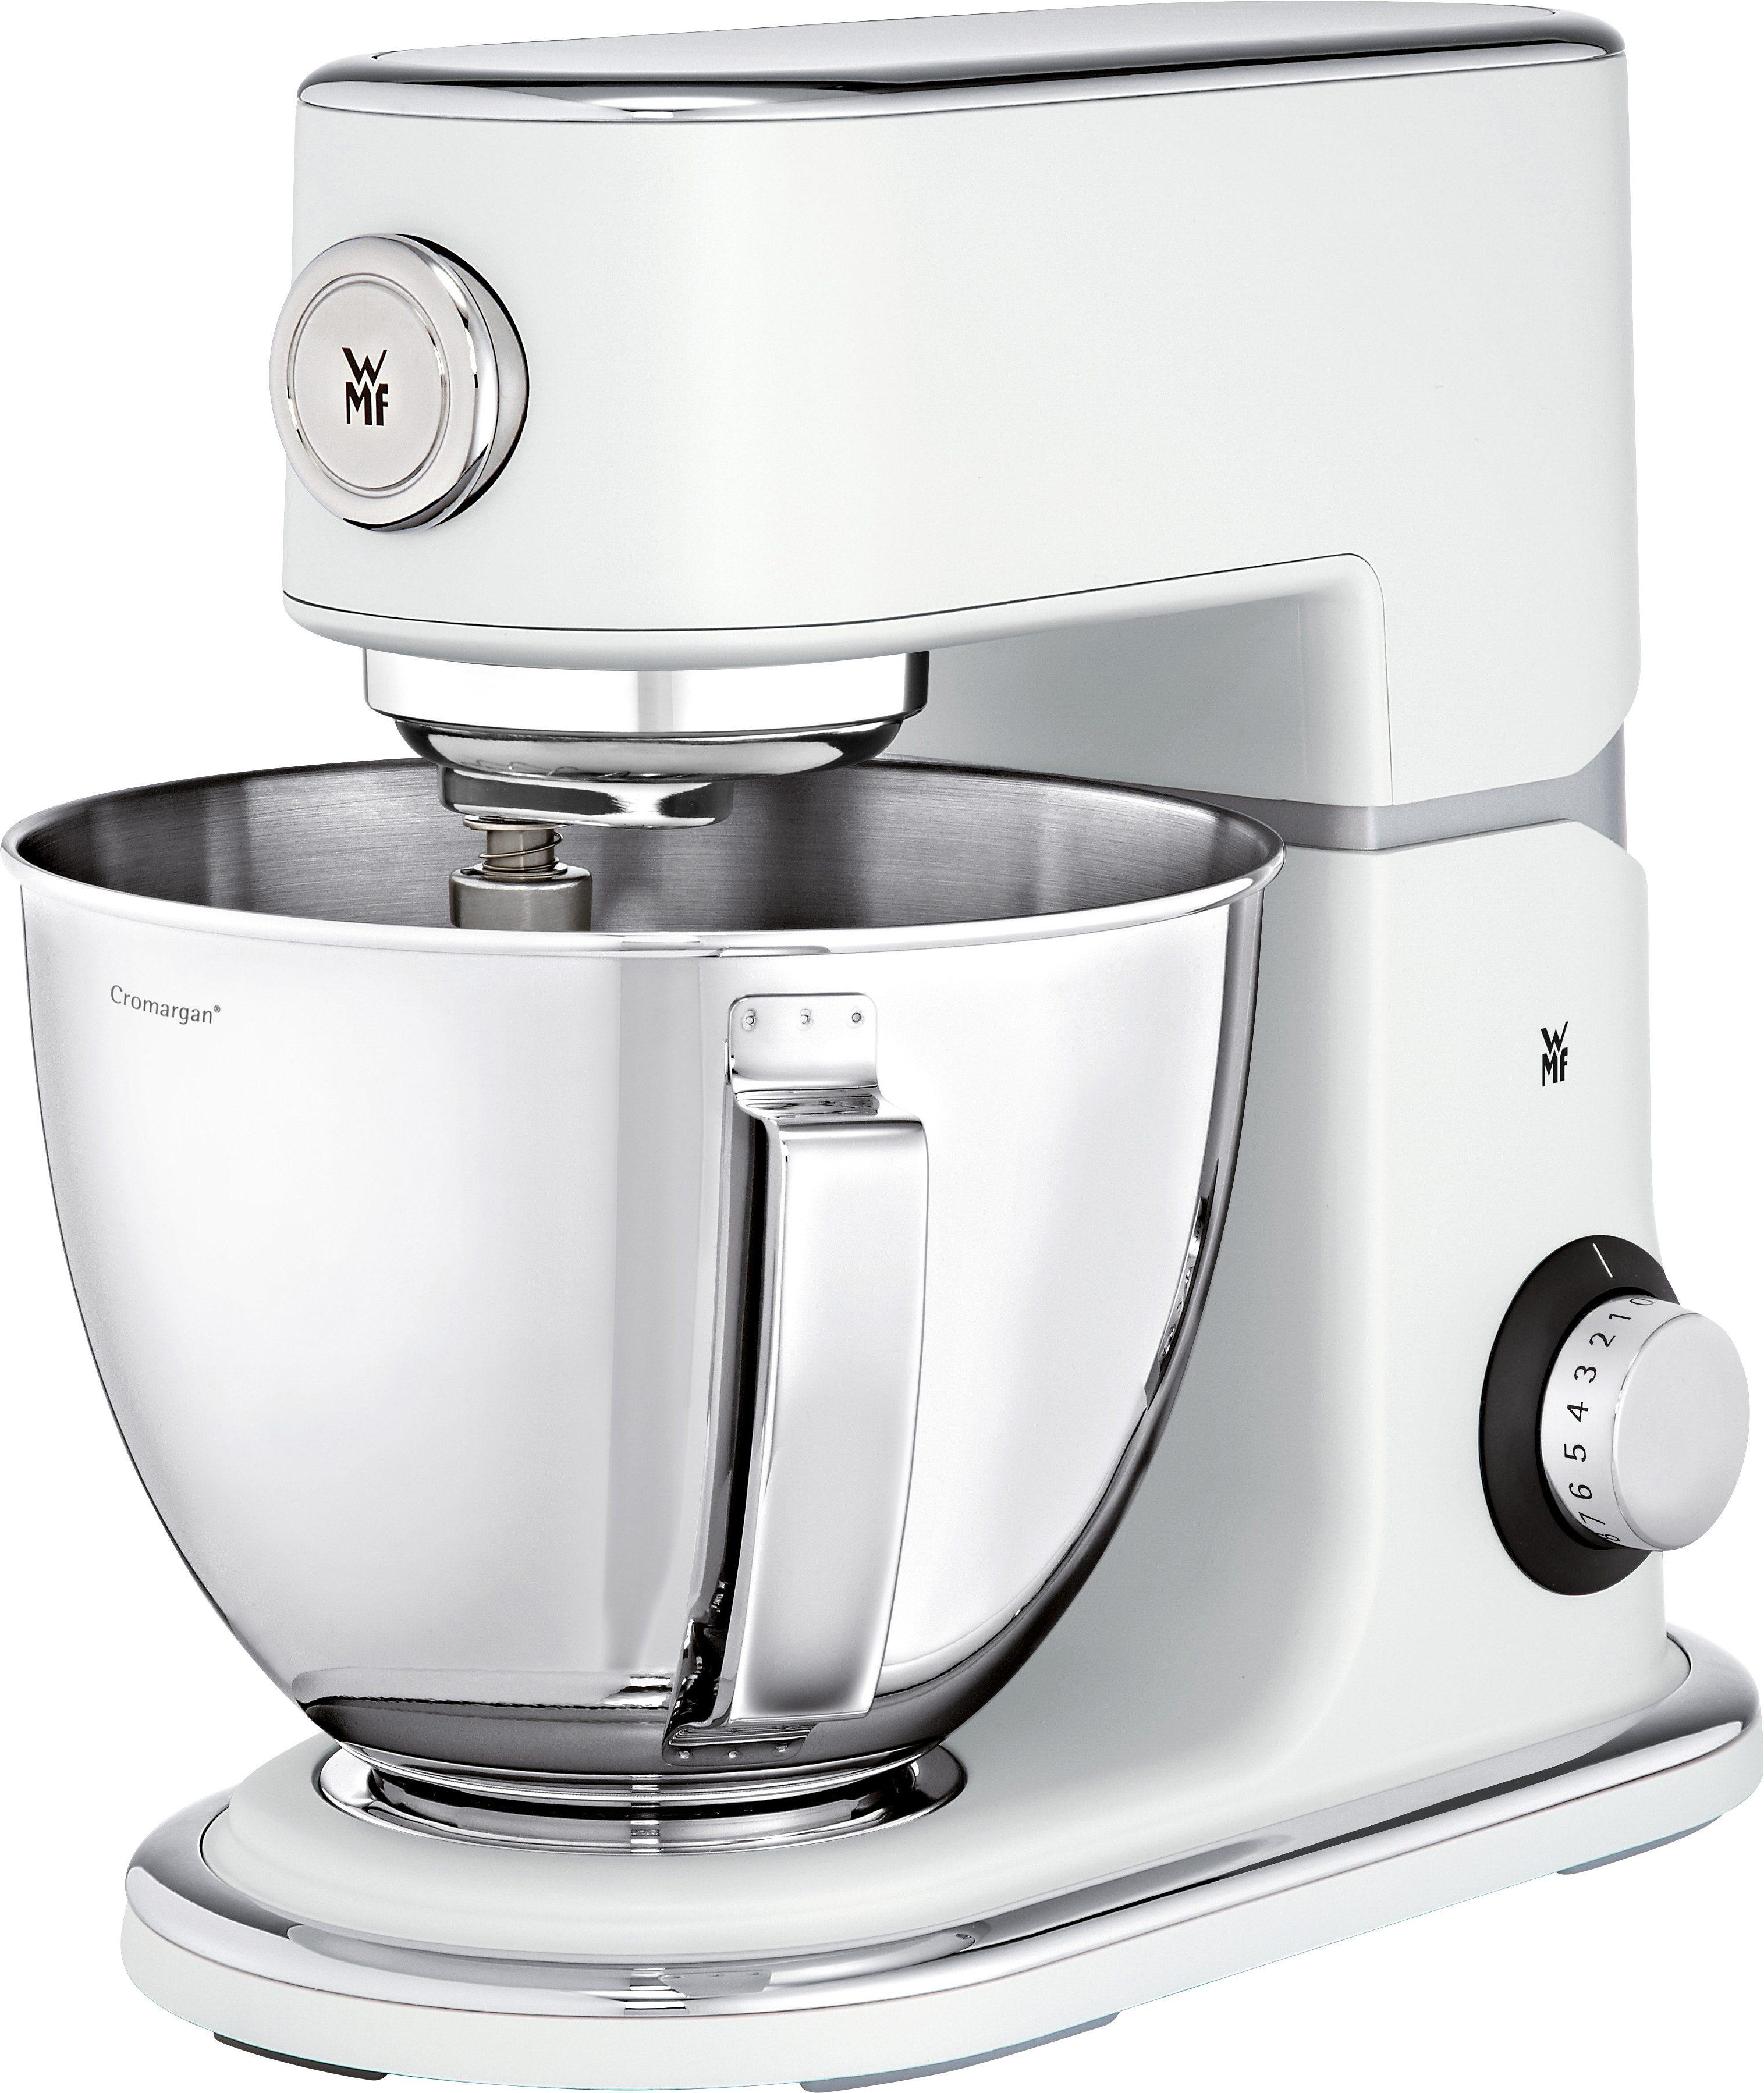 WMF Profi Plus Küchenmaschine, mit 5 Liter Rührschüssel aus Cromargan®, 1000 Watt